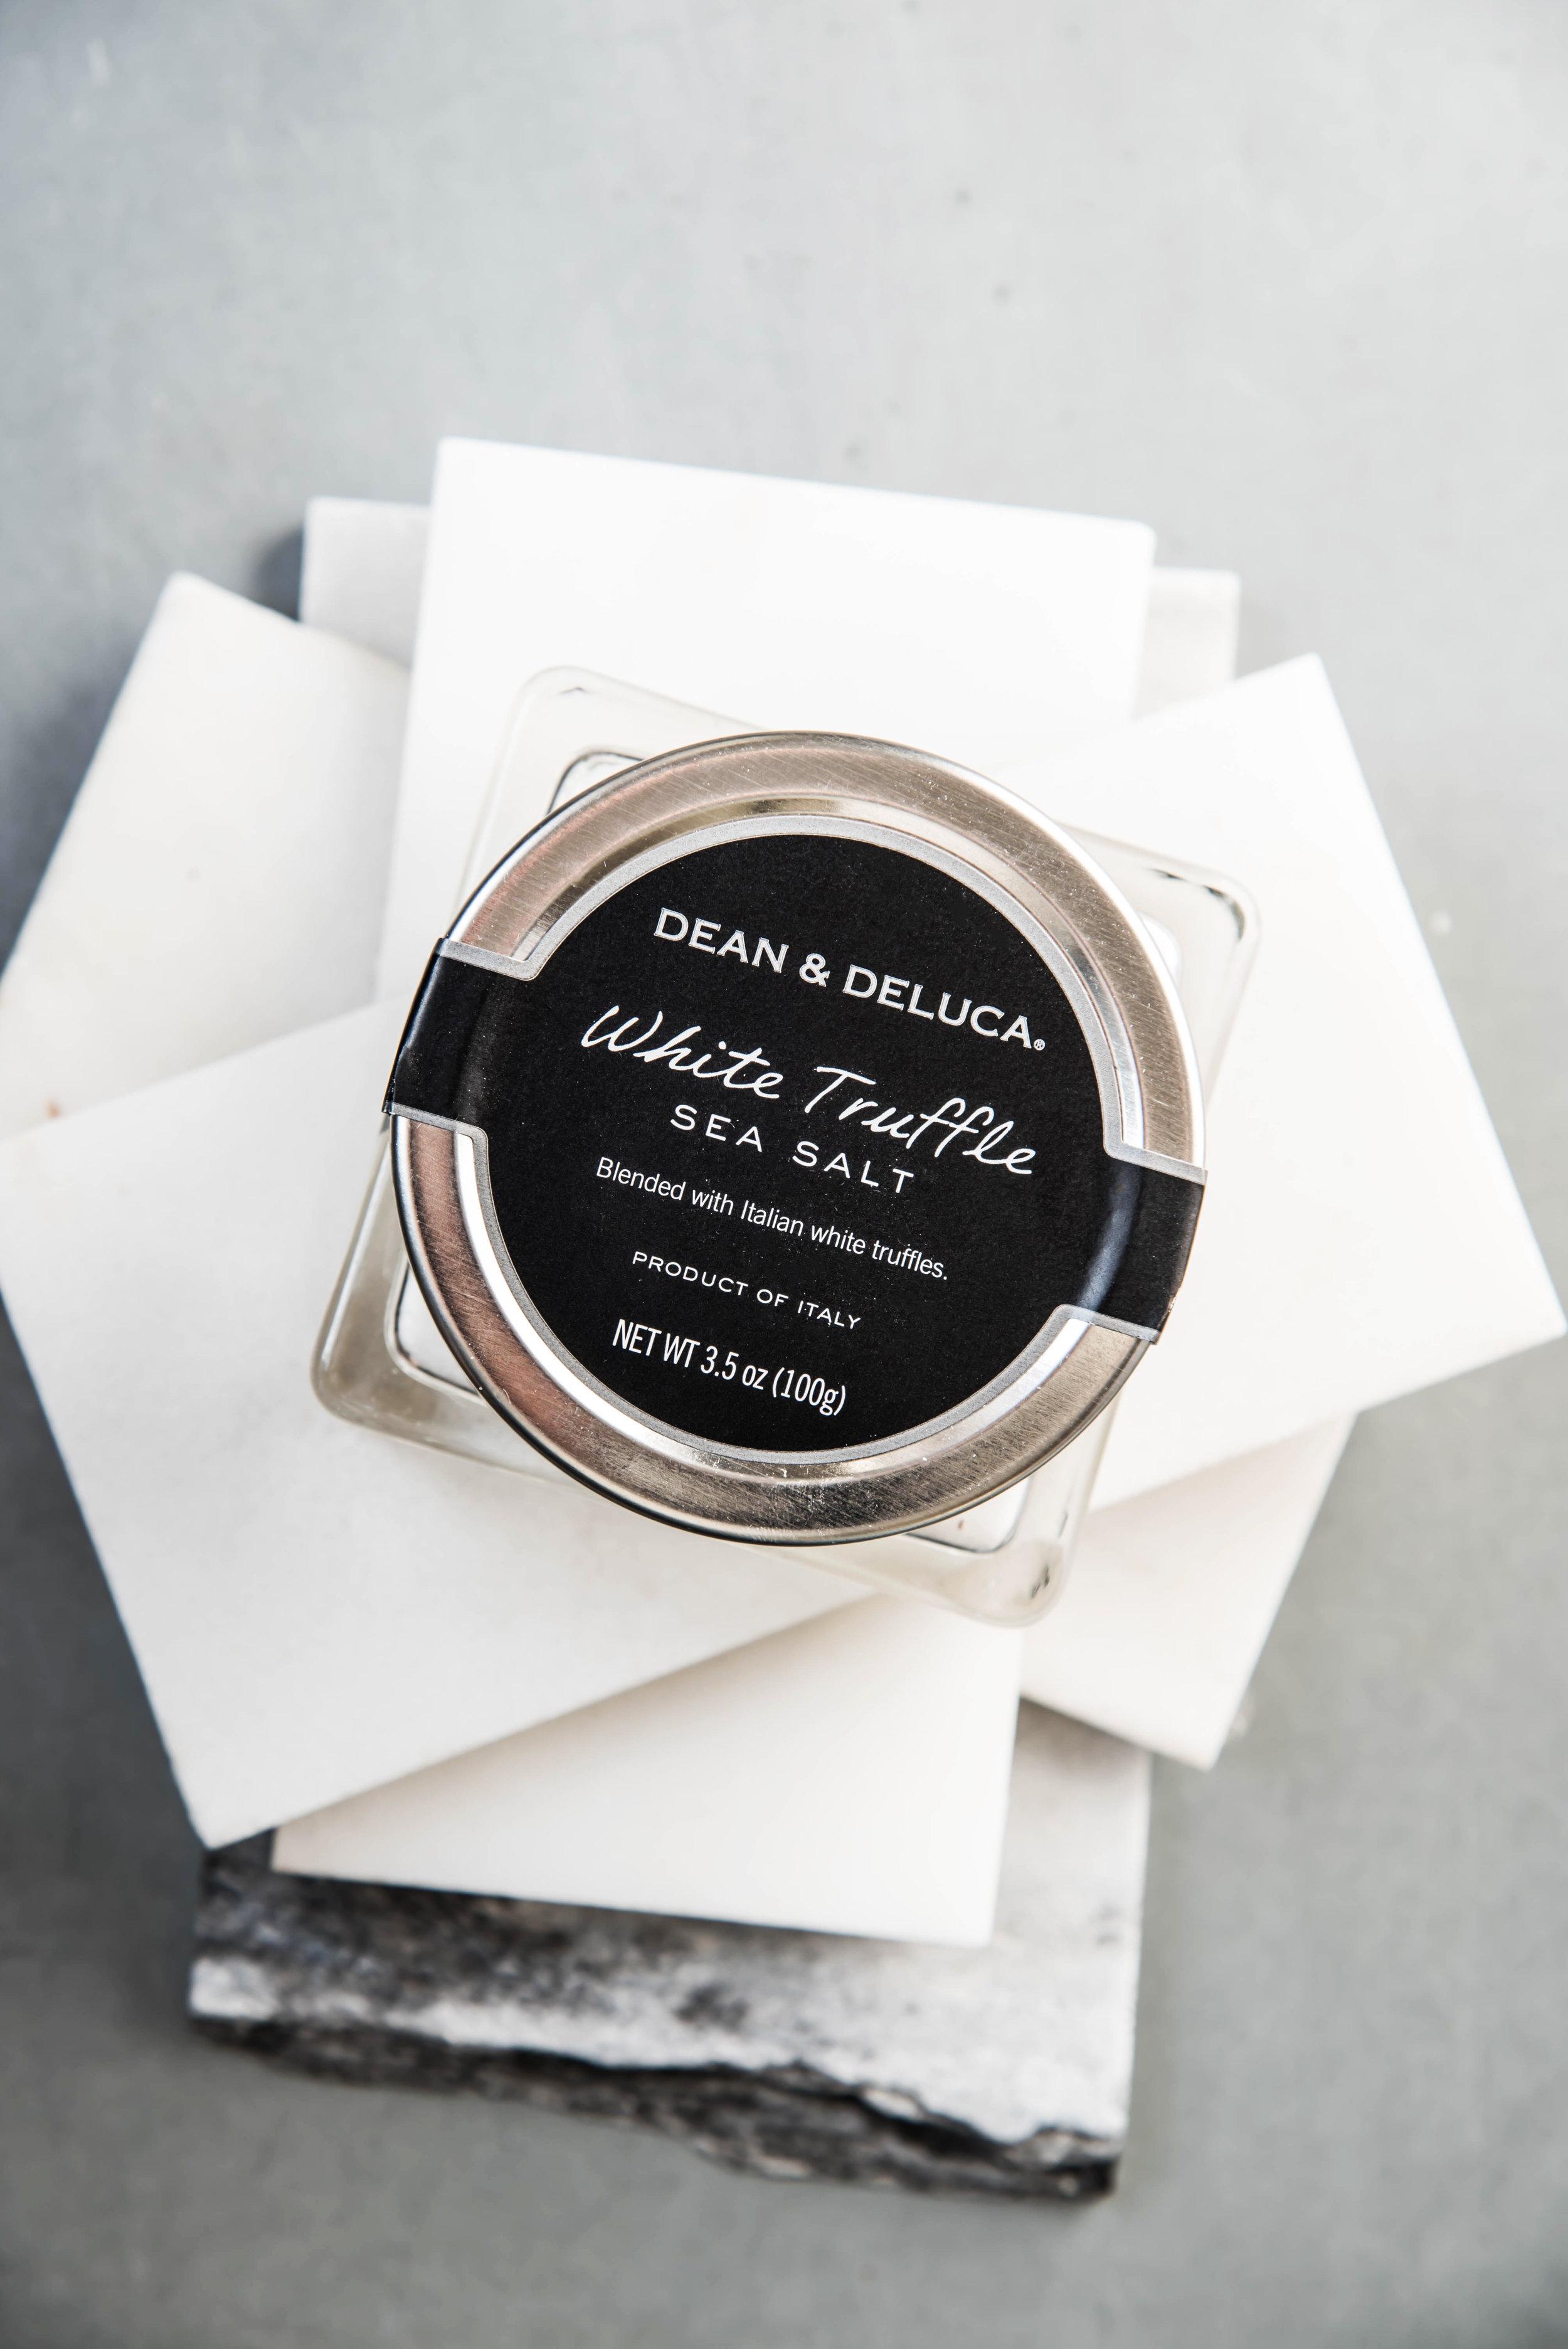 ROSE & IVY Journal Dean & Deluca White Truffle Salt